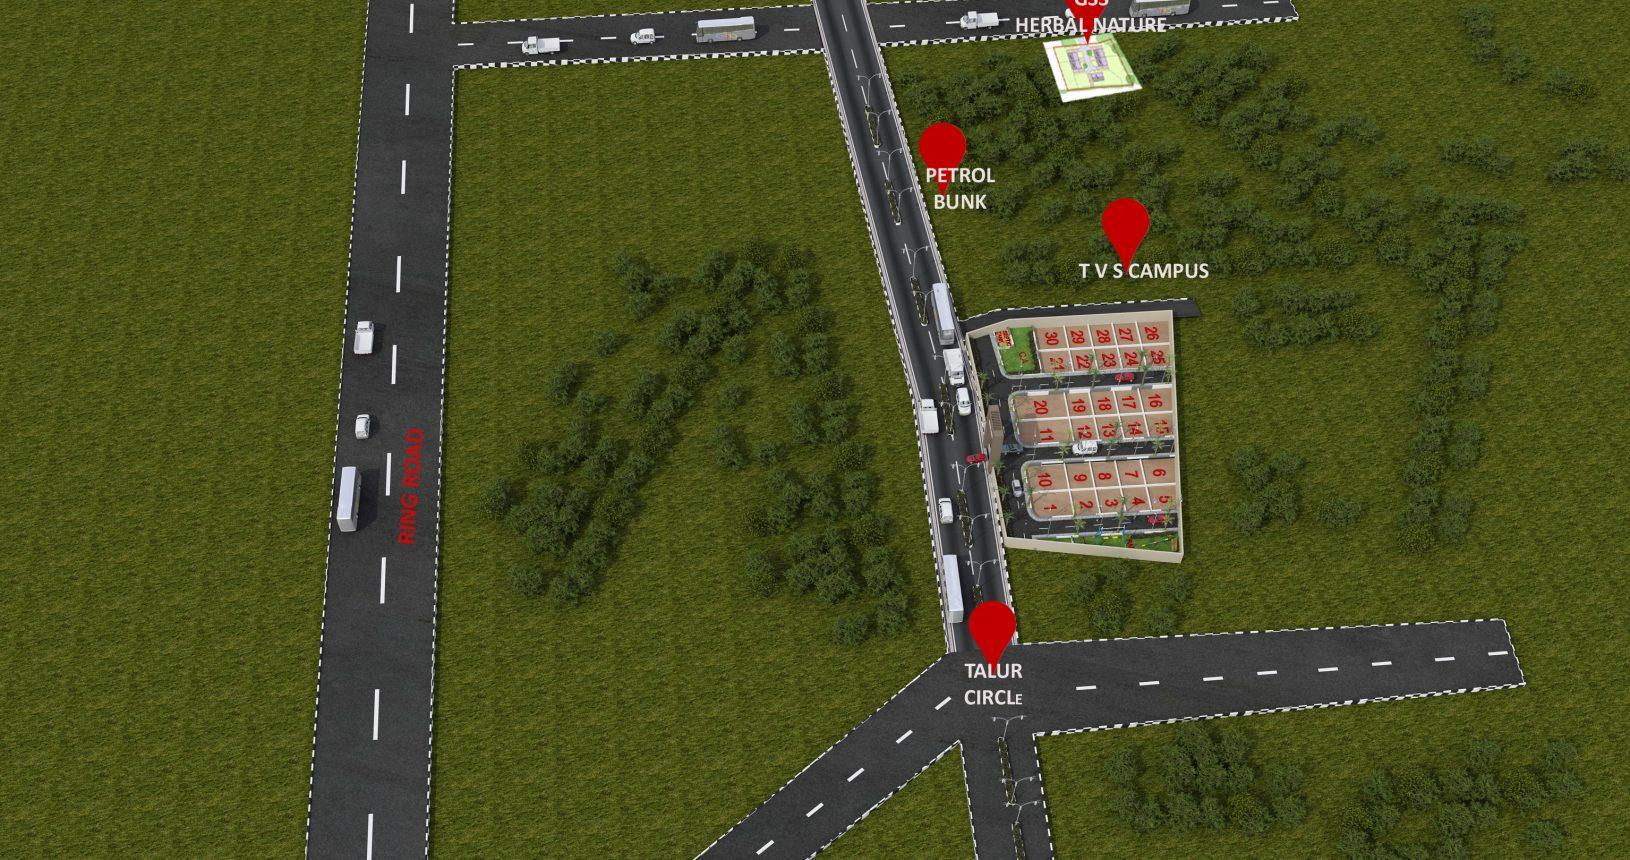 Herbal Sindhu 3D Aerial View